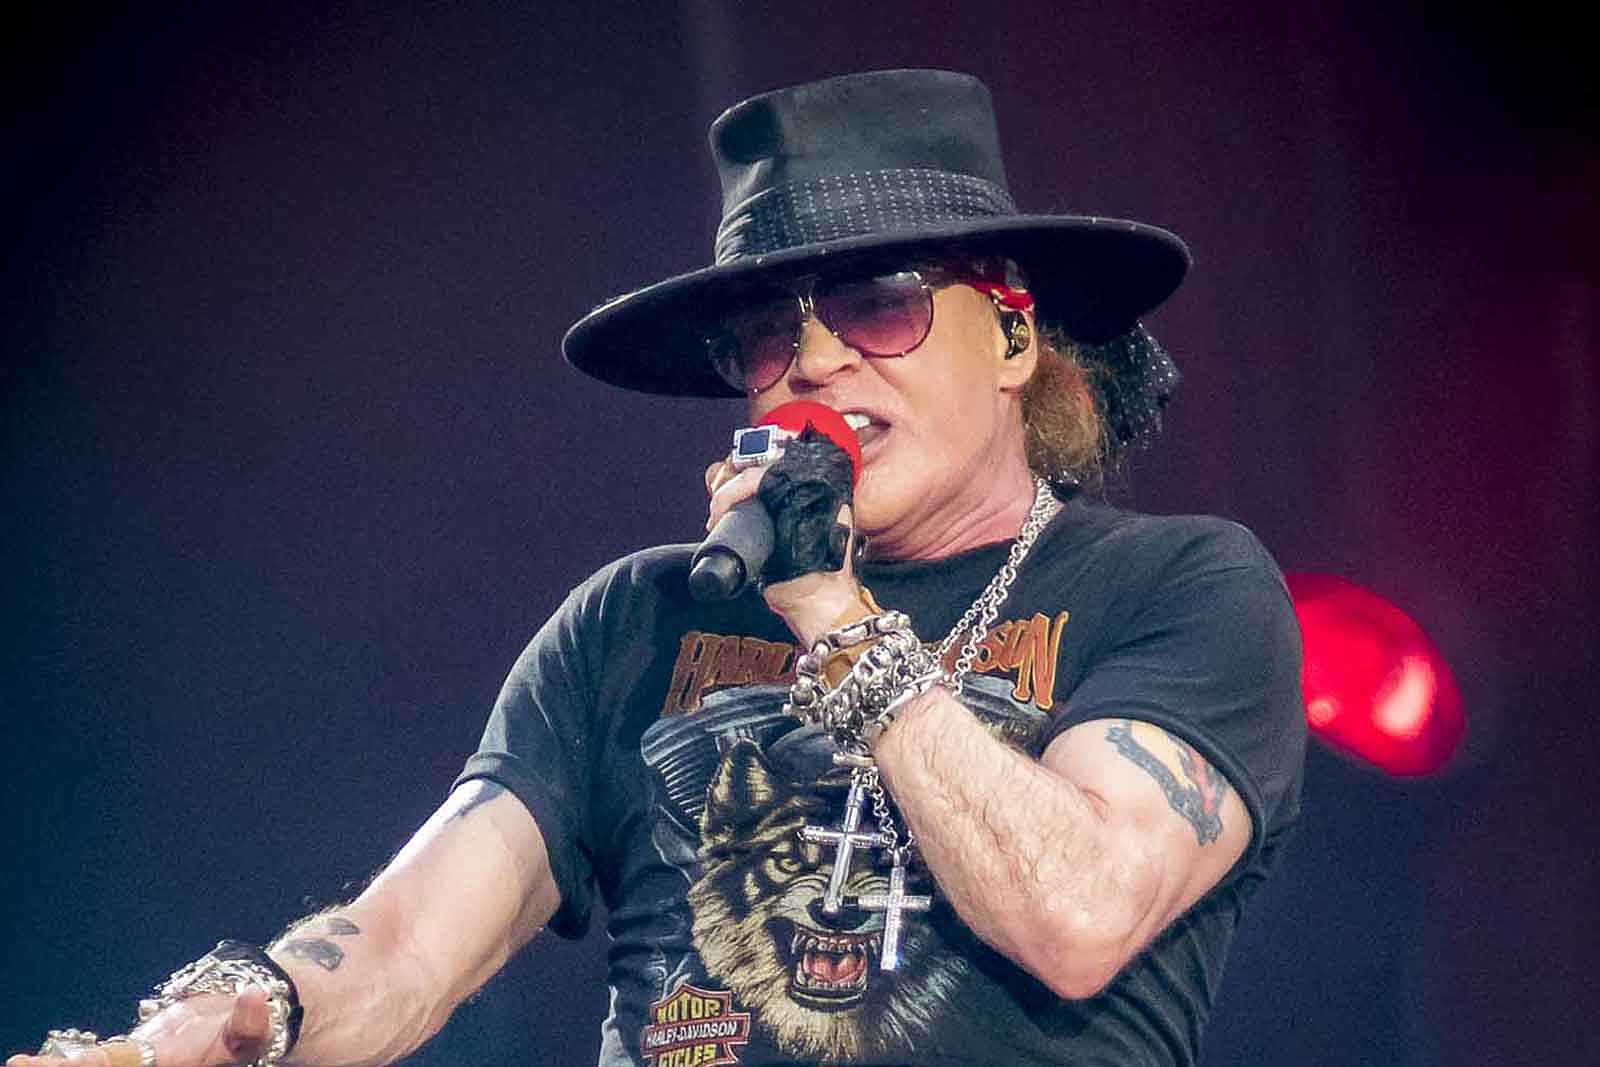 Guns N' Roses Announce New U.S. Tour Dates